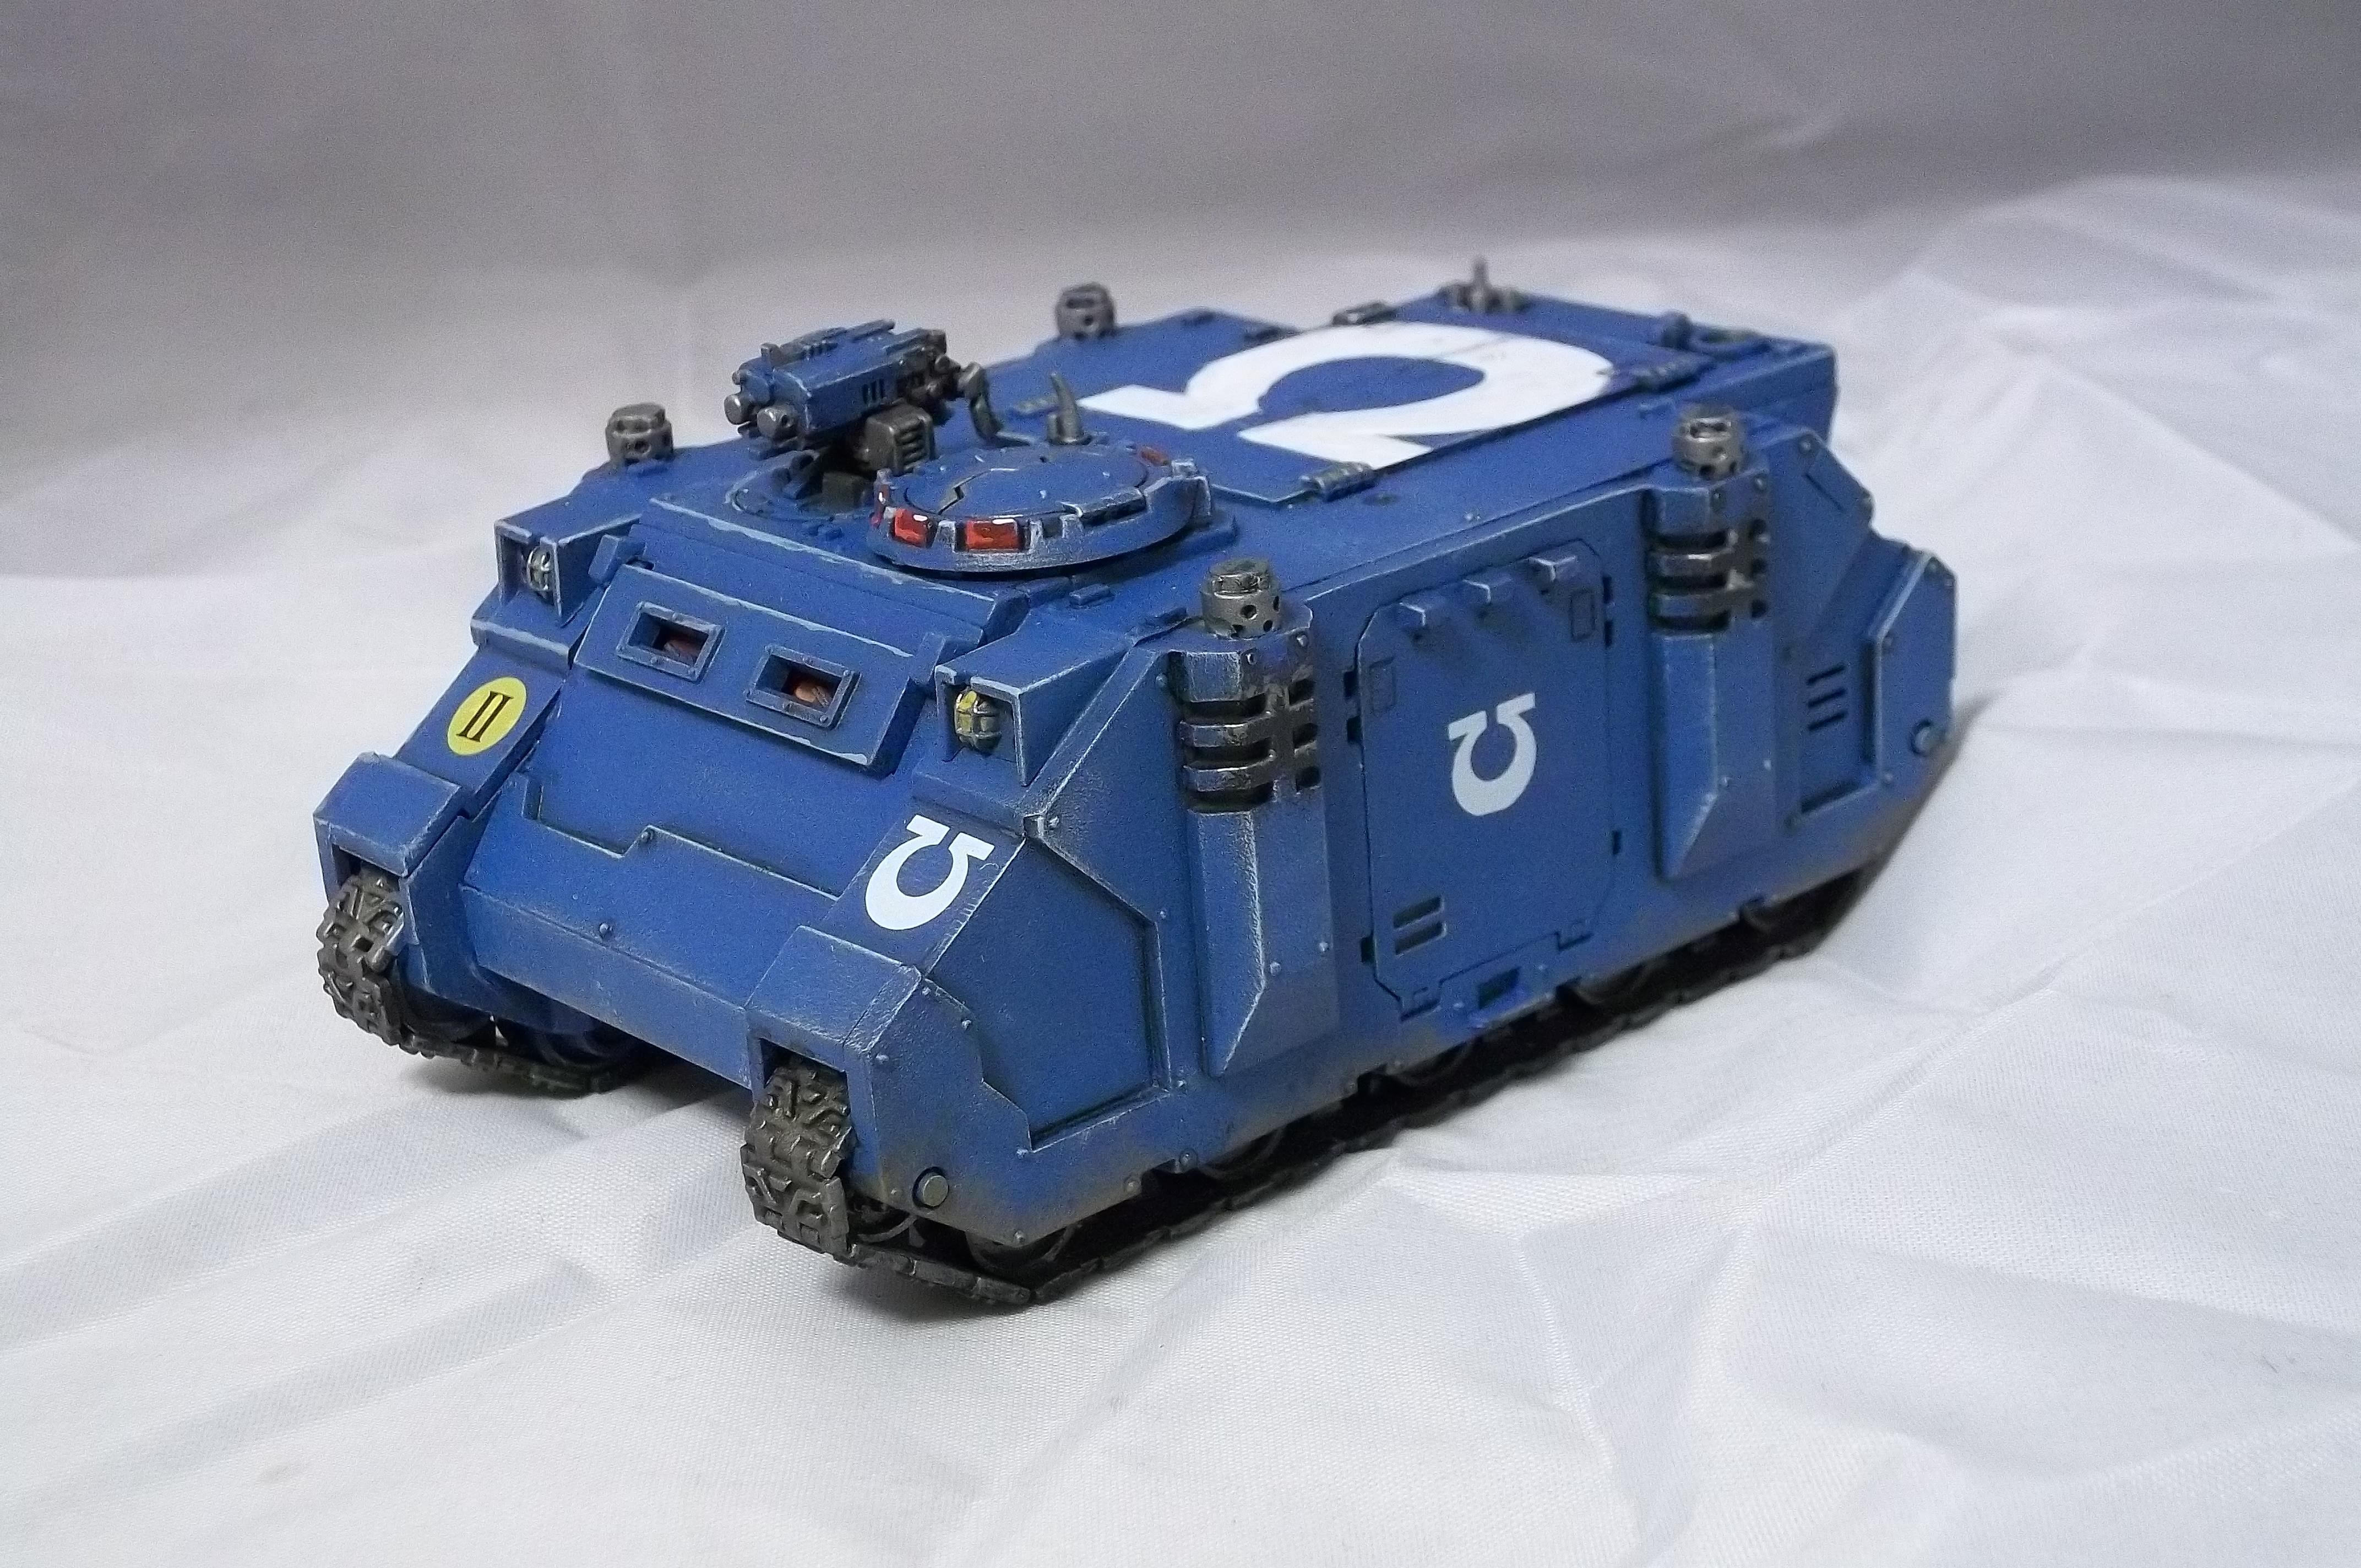 Retro, Rhino, Space Marines, Tank, Ultramarines